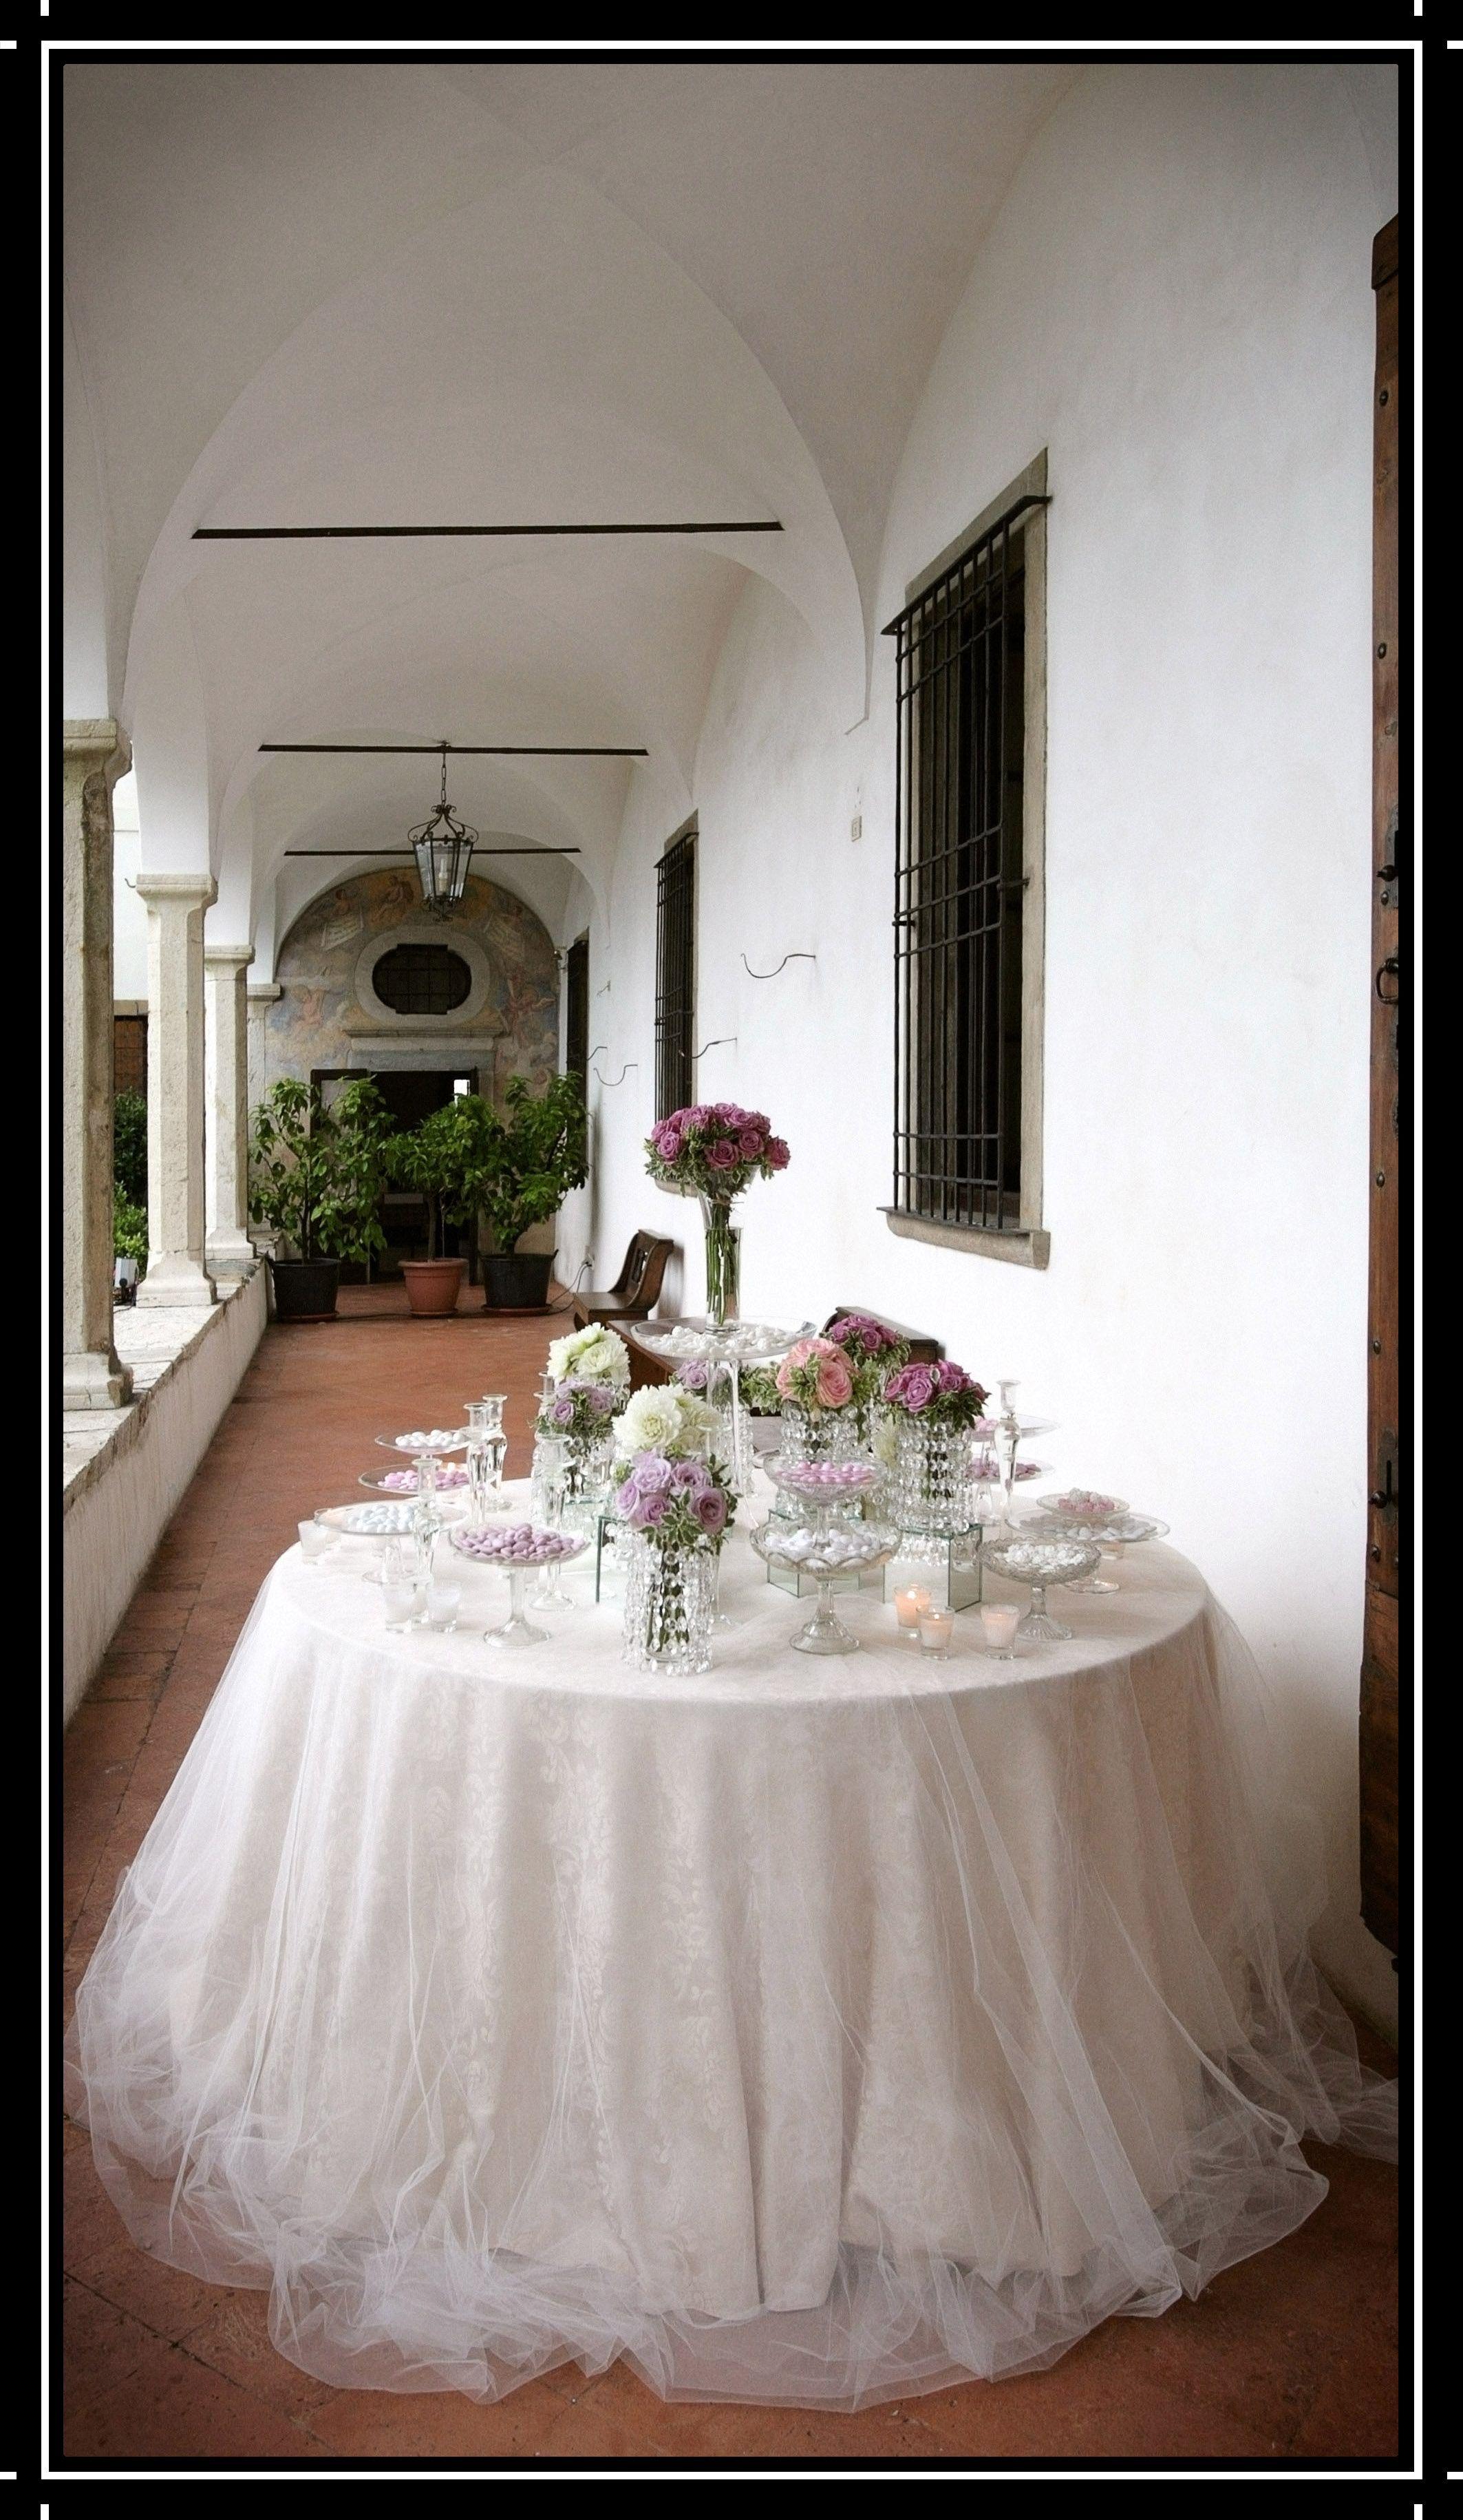 Tovaglie Per Tavoli Da Bar.Tavolo Confettata Confetti E Fiori Rosa Tovaglia Tulle Vasi